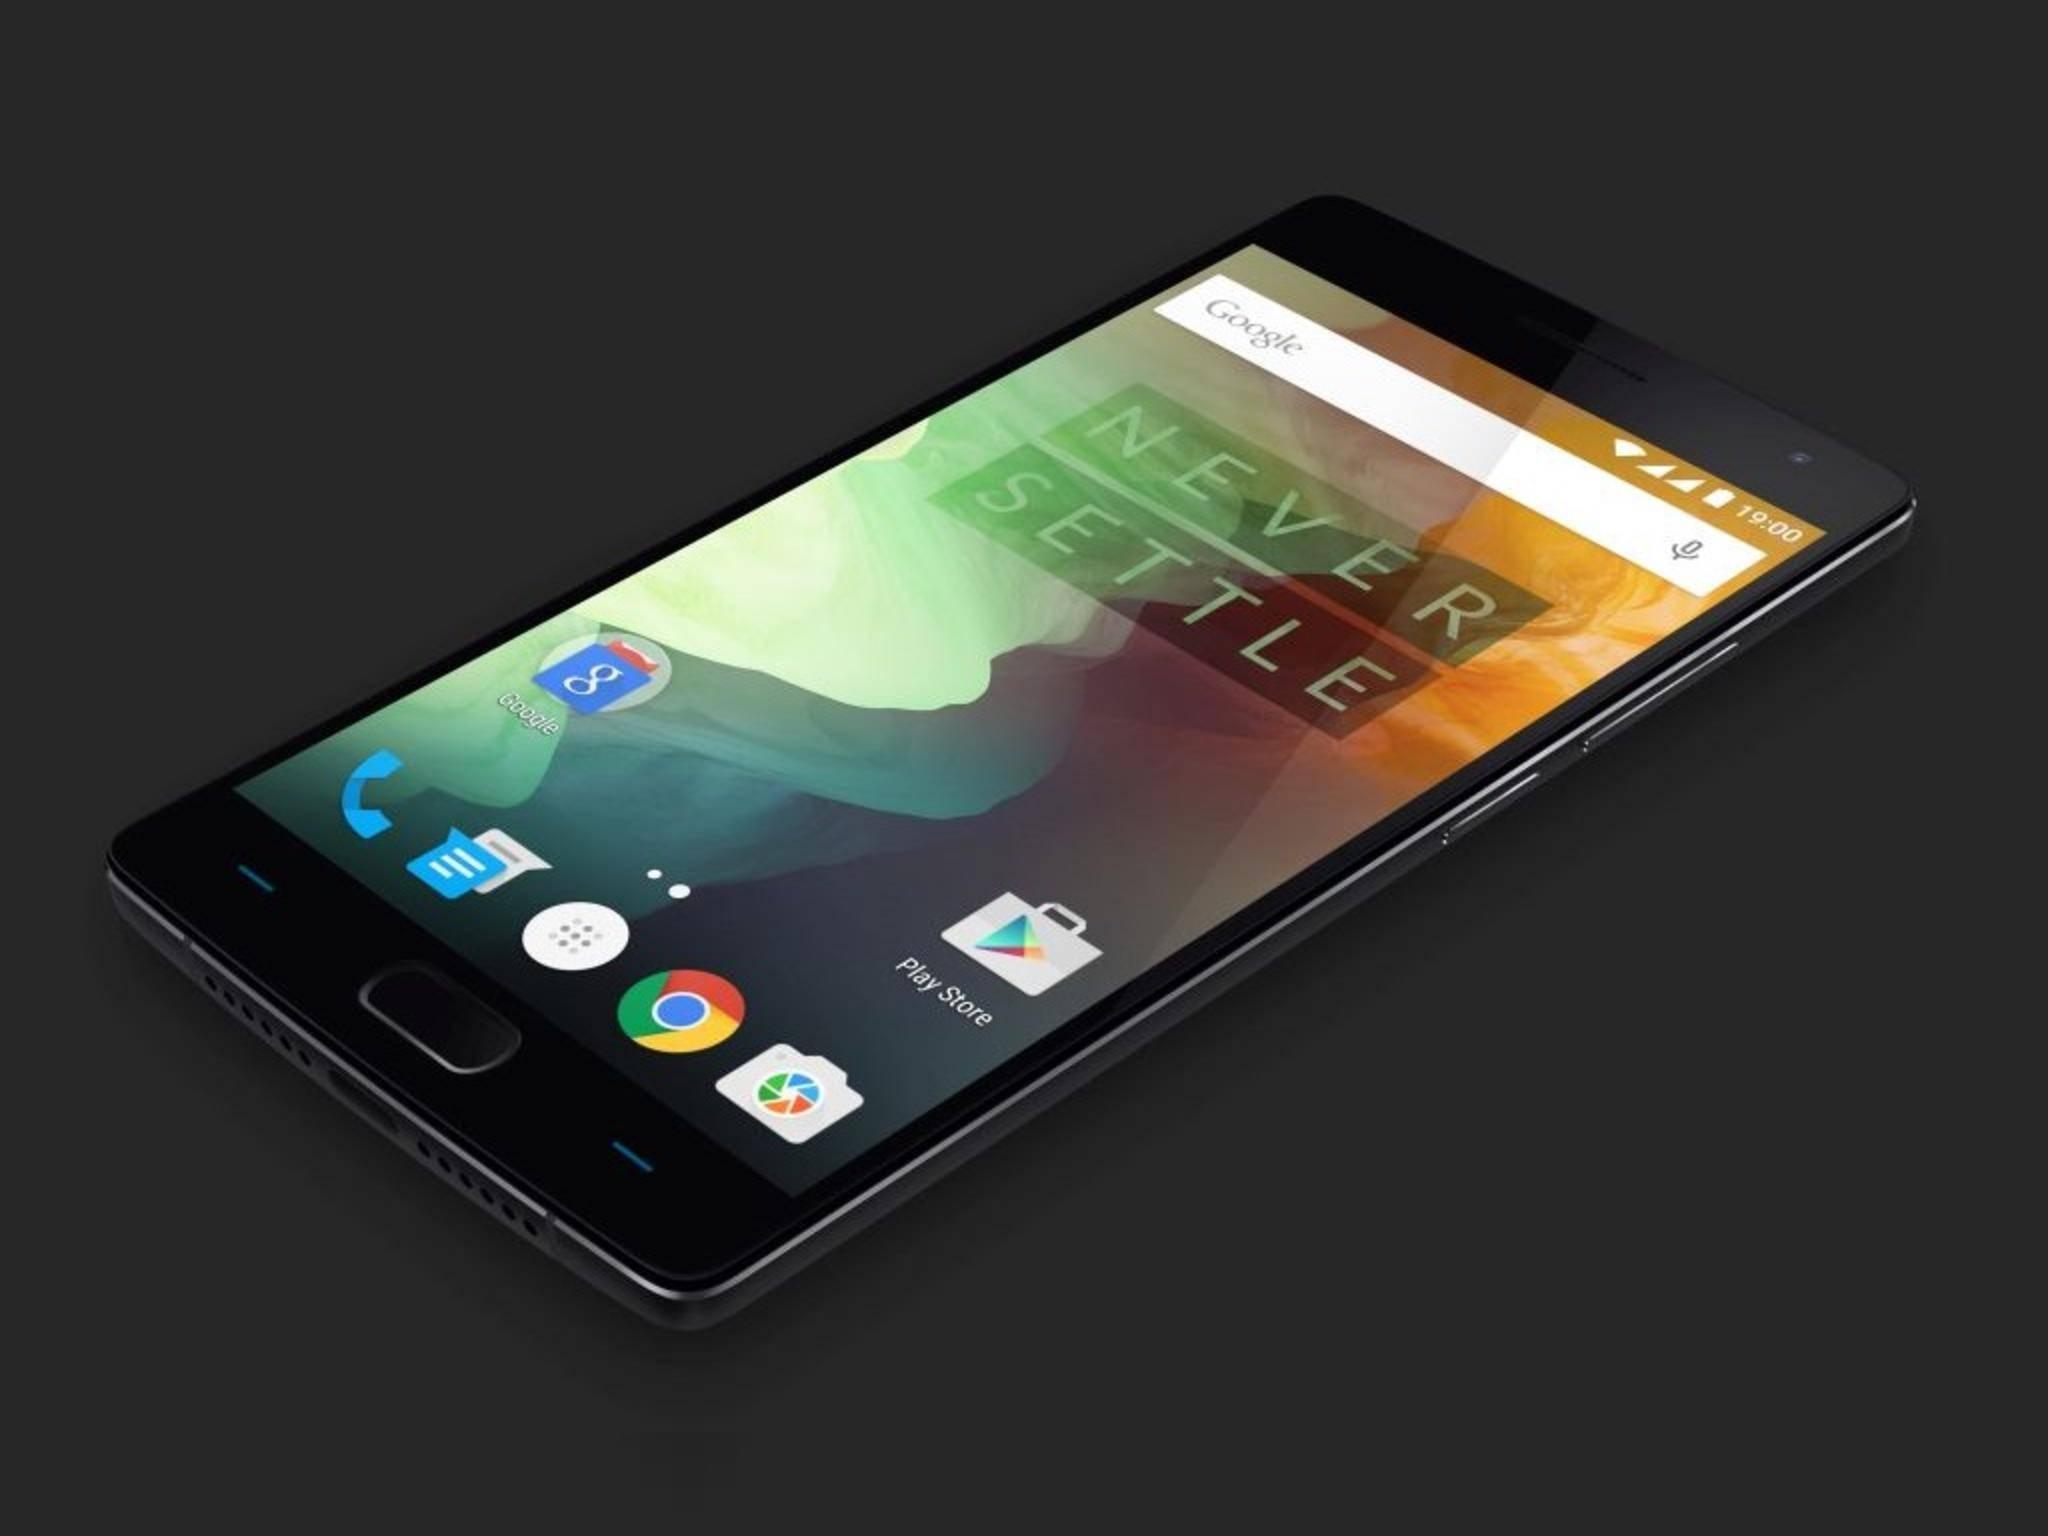 Das OnePlus 2 wird endlich mit Android 6 Marshmallow ausgestattet.